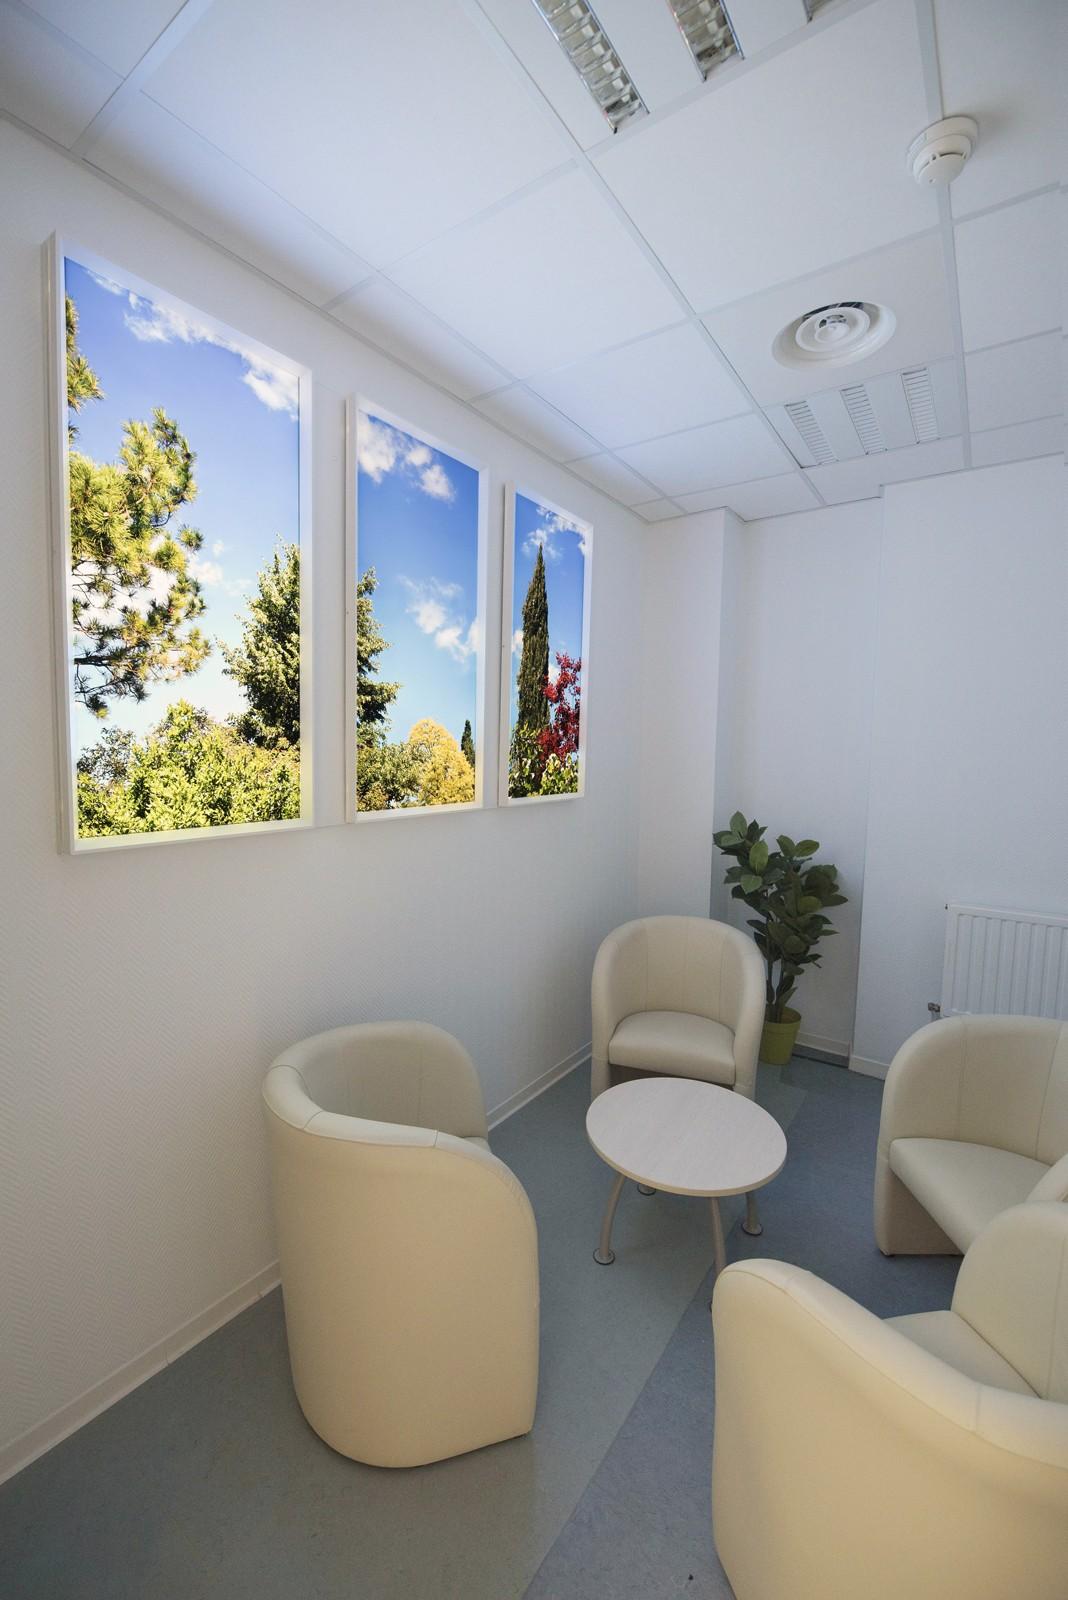 fenêtres lumineuses cumulux 60x60 cm pour une salle d'attente sombre.